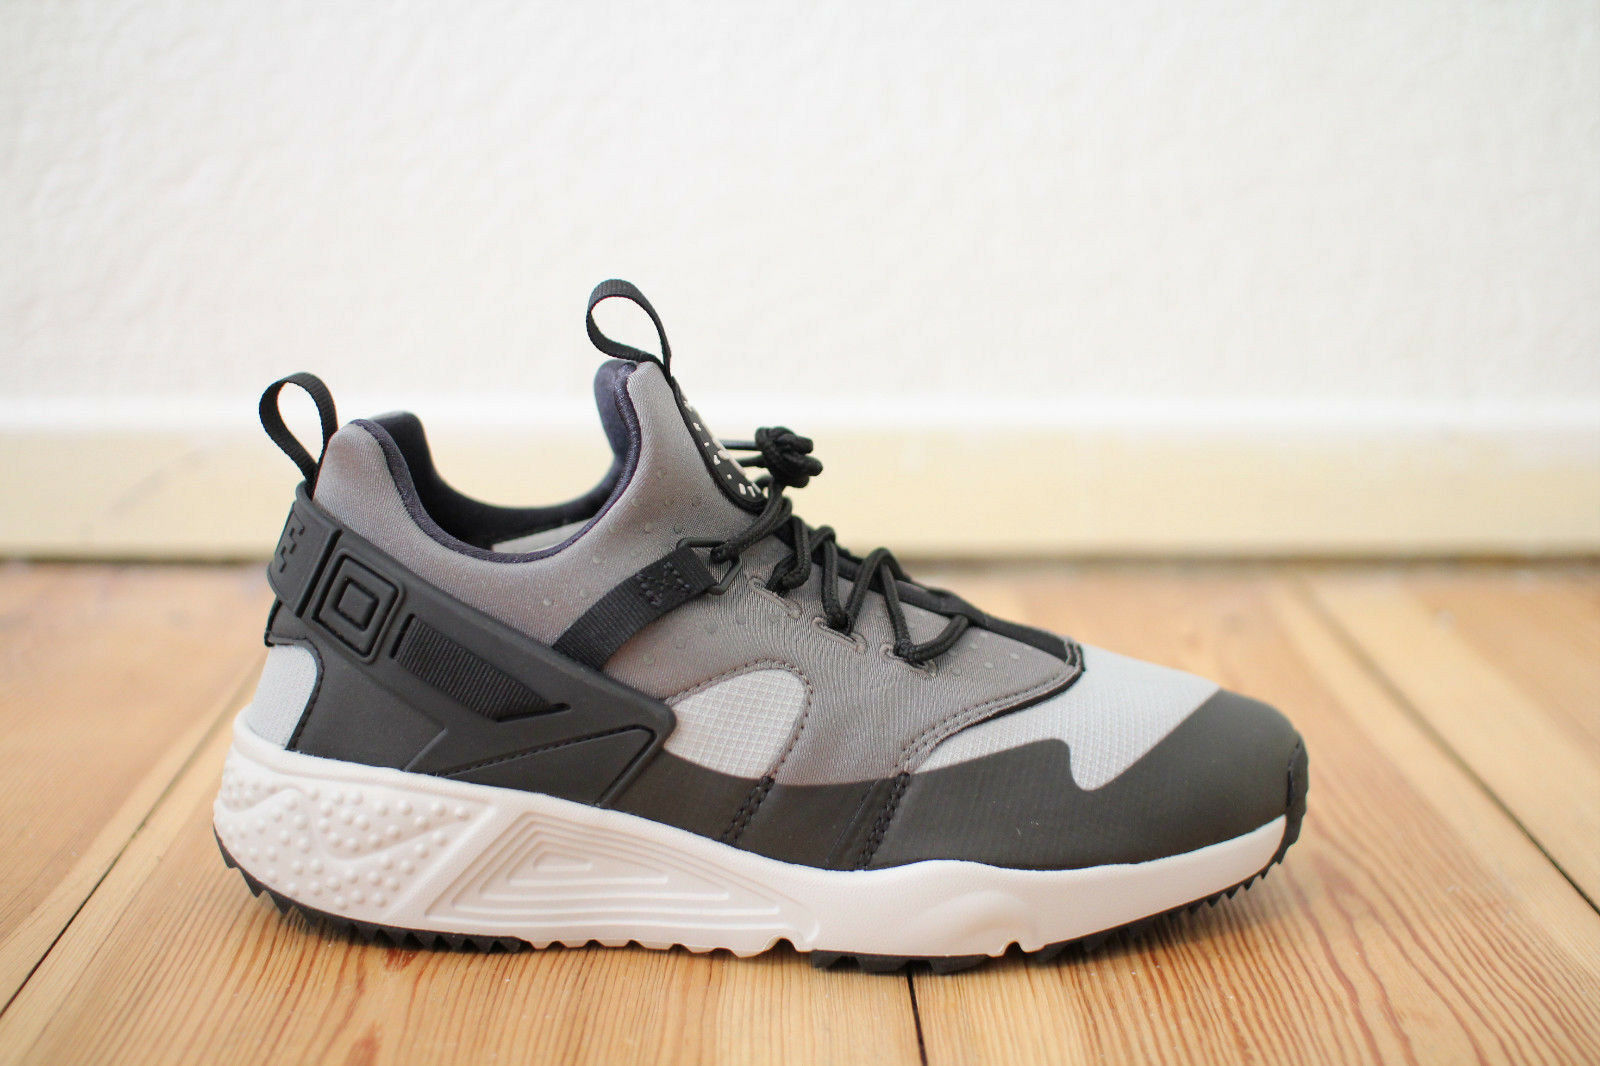 Nike Air Huarache Utility Grau Weiß Gr. 42,43,44 NEU & OVP